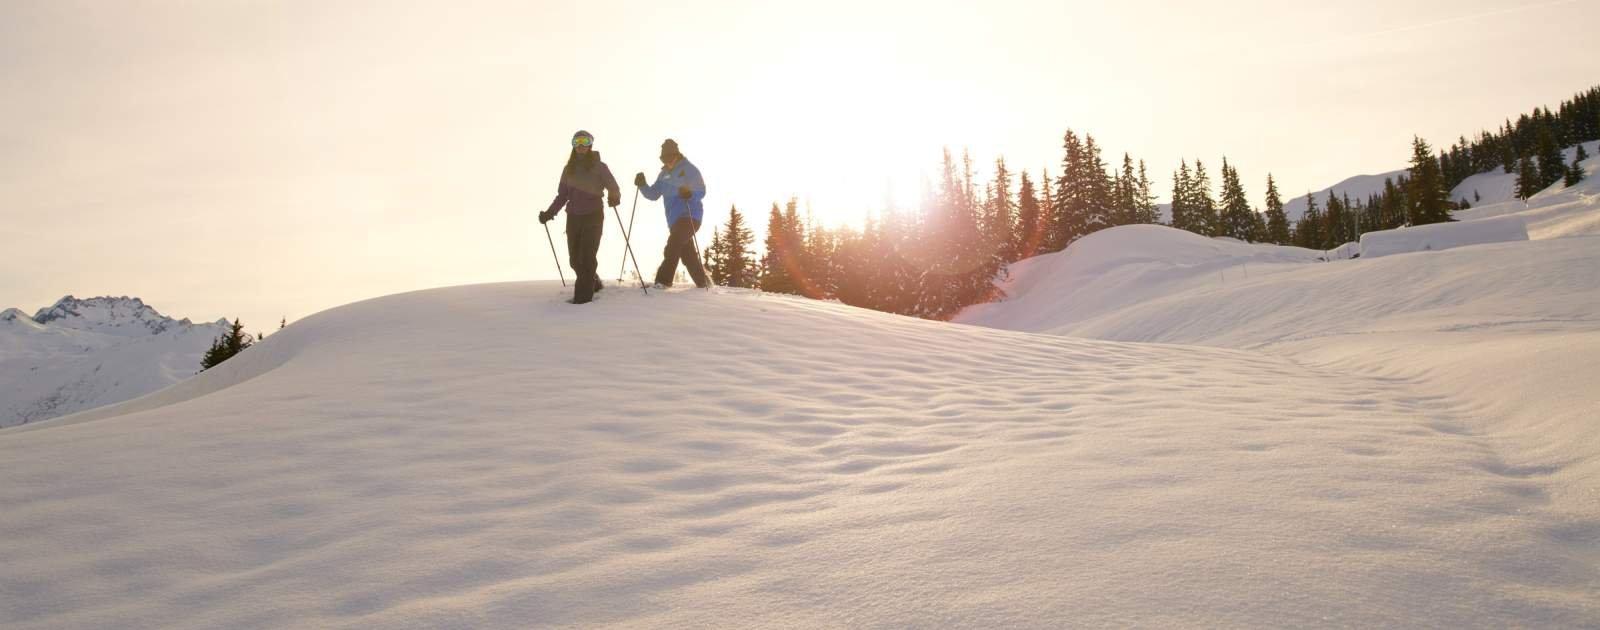 Schneeschuhwanderung Abendsonne Disentis